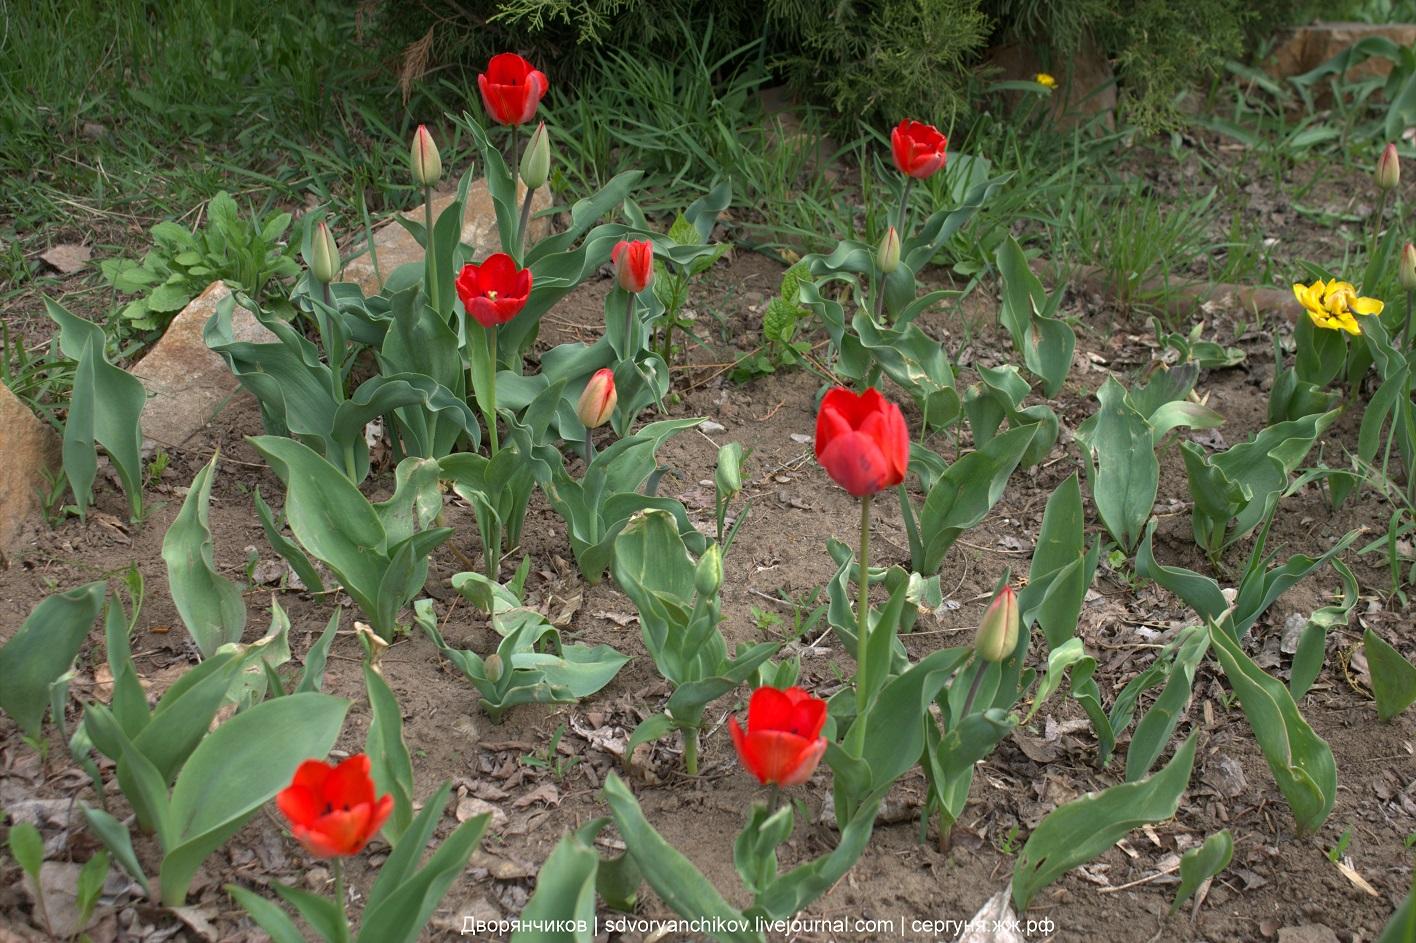 Нарциссы, тюльпаны и цветущий клён - весенняя цветочная эстафета продолжается! Парк ВГС, Волжский - 18 апреля 2017